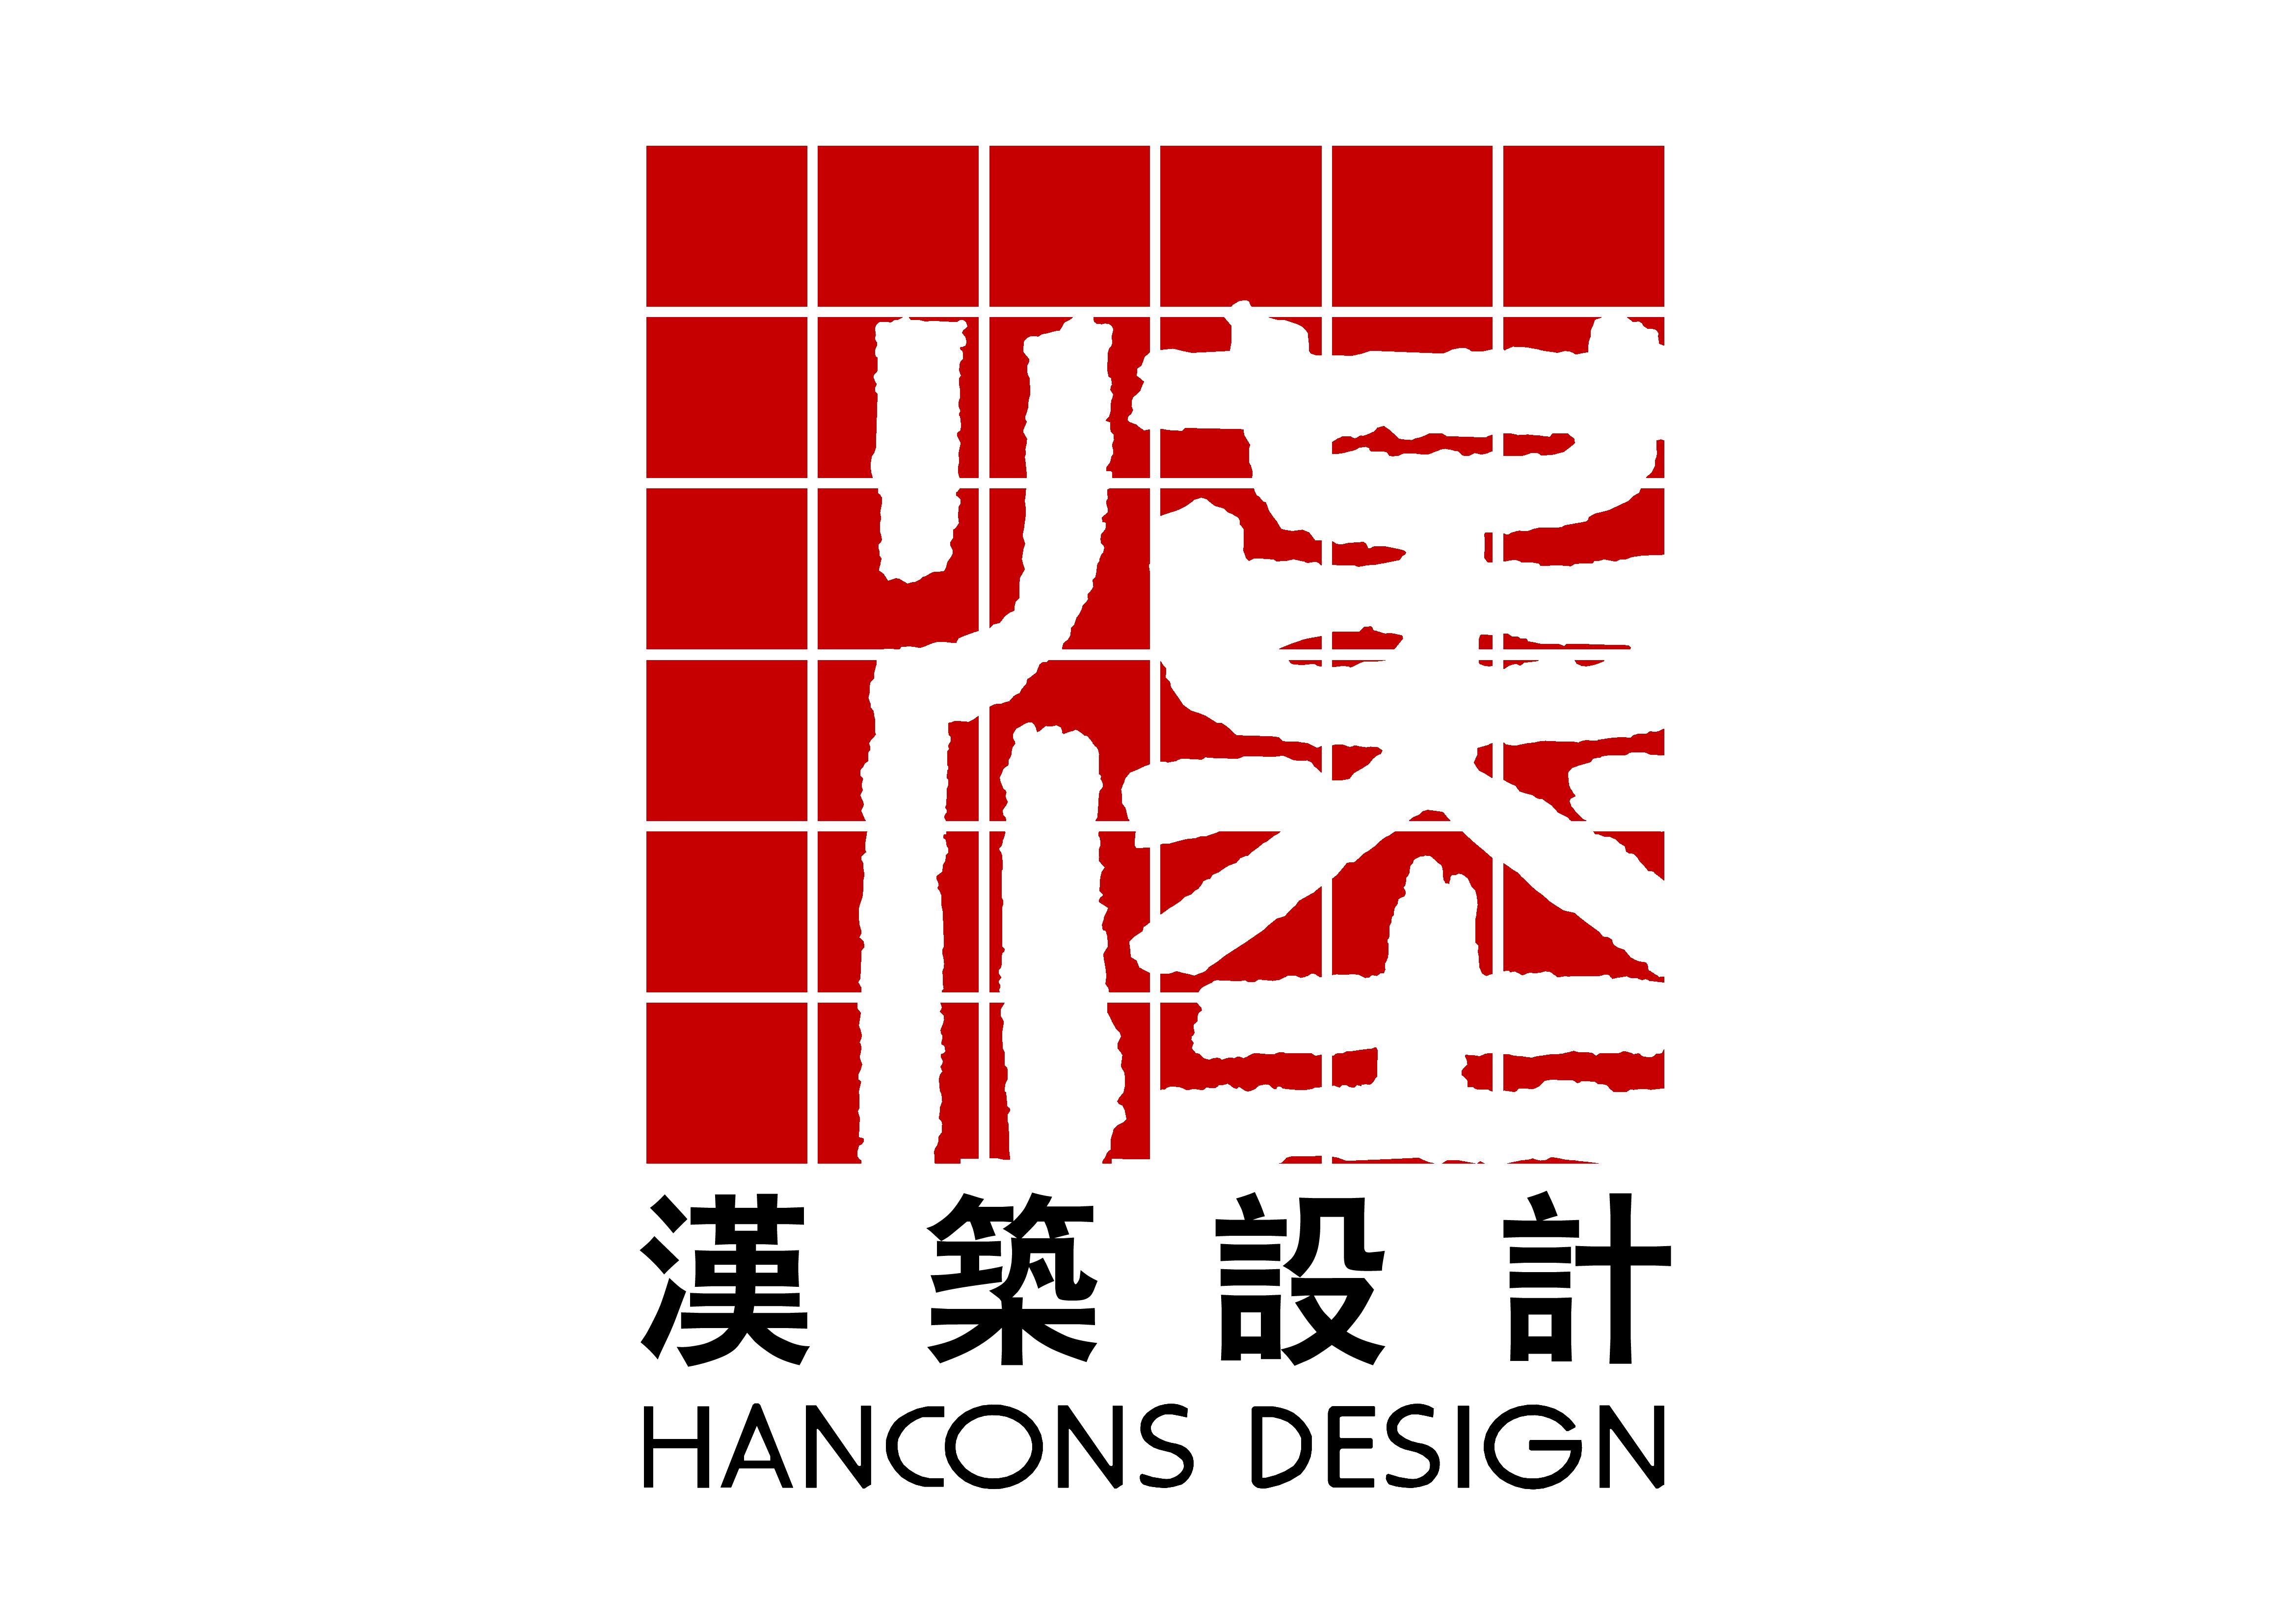 深圳市汉筑设计顾问有限公司